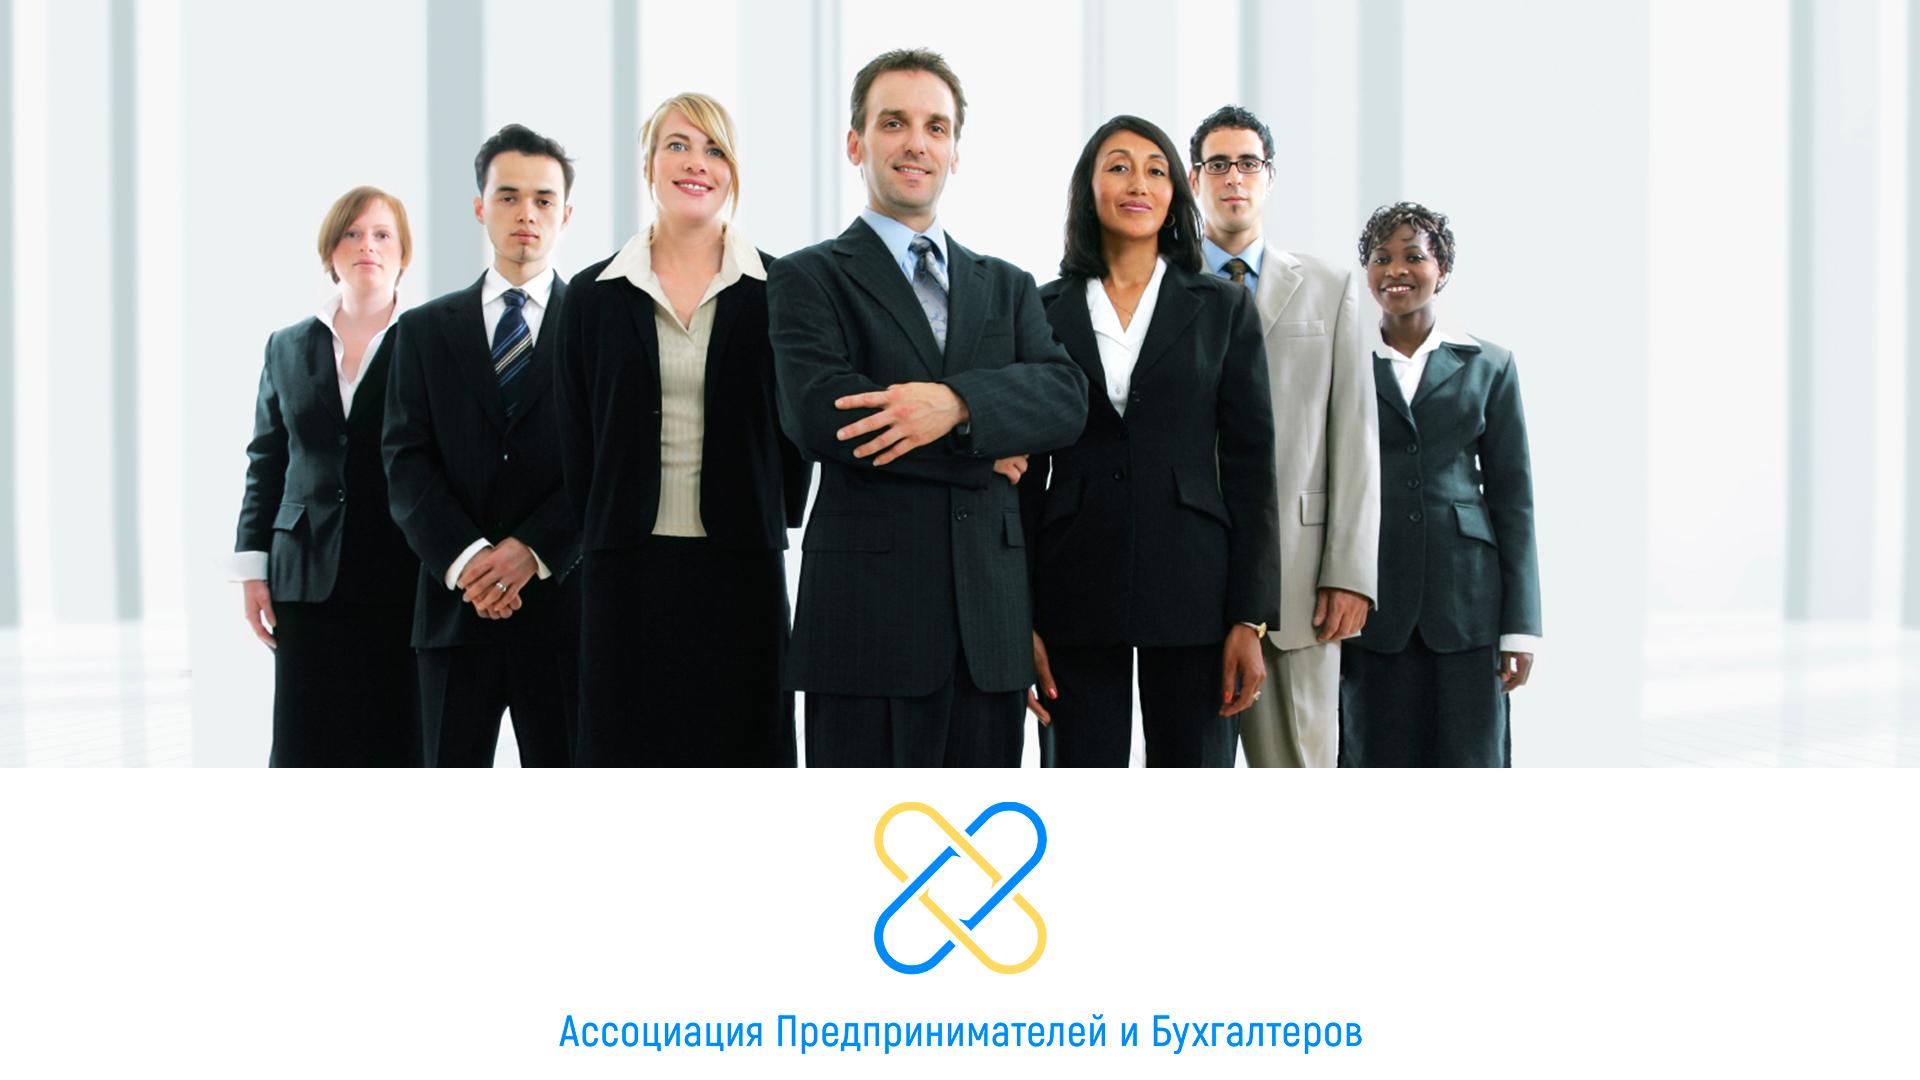 Бухгалтер казахстан онлайн контур эльба интернет-бухгалтерия отзывы